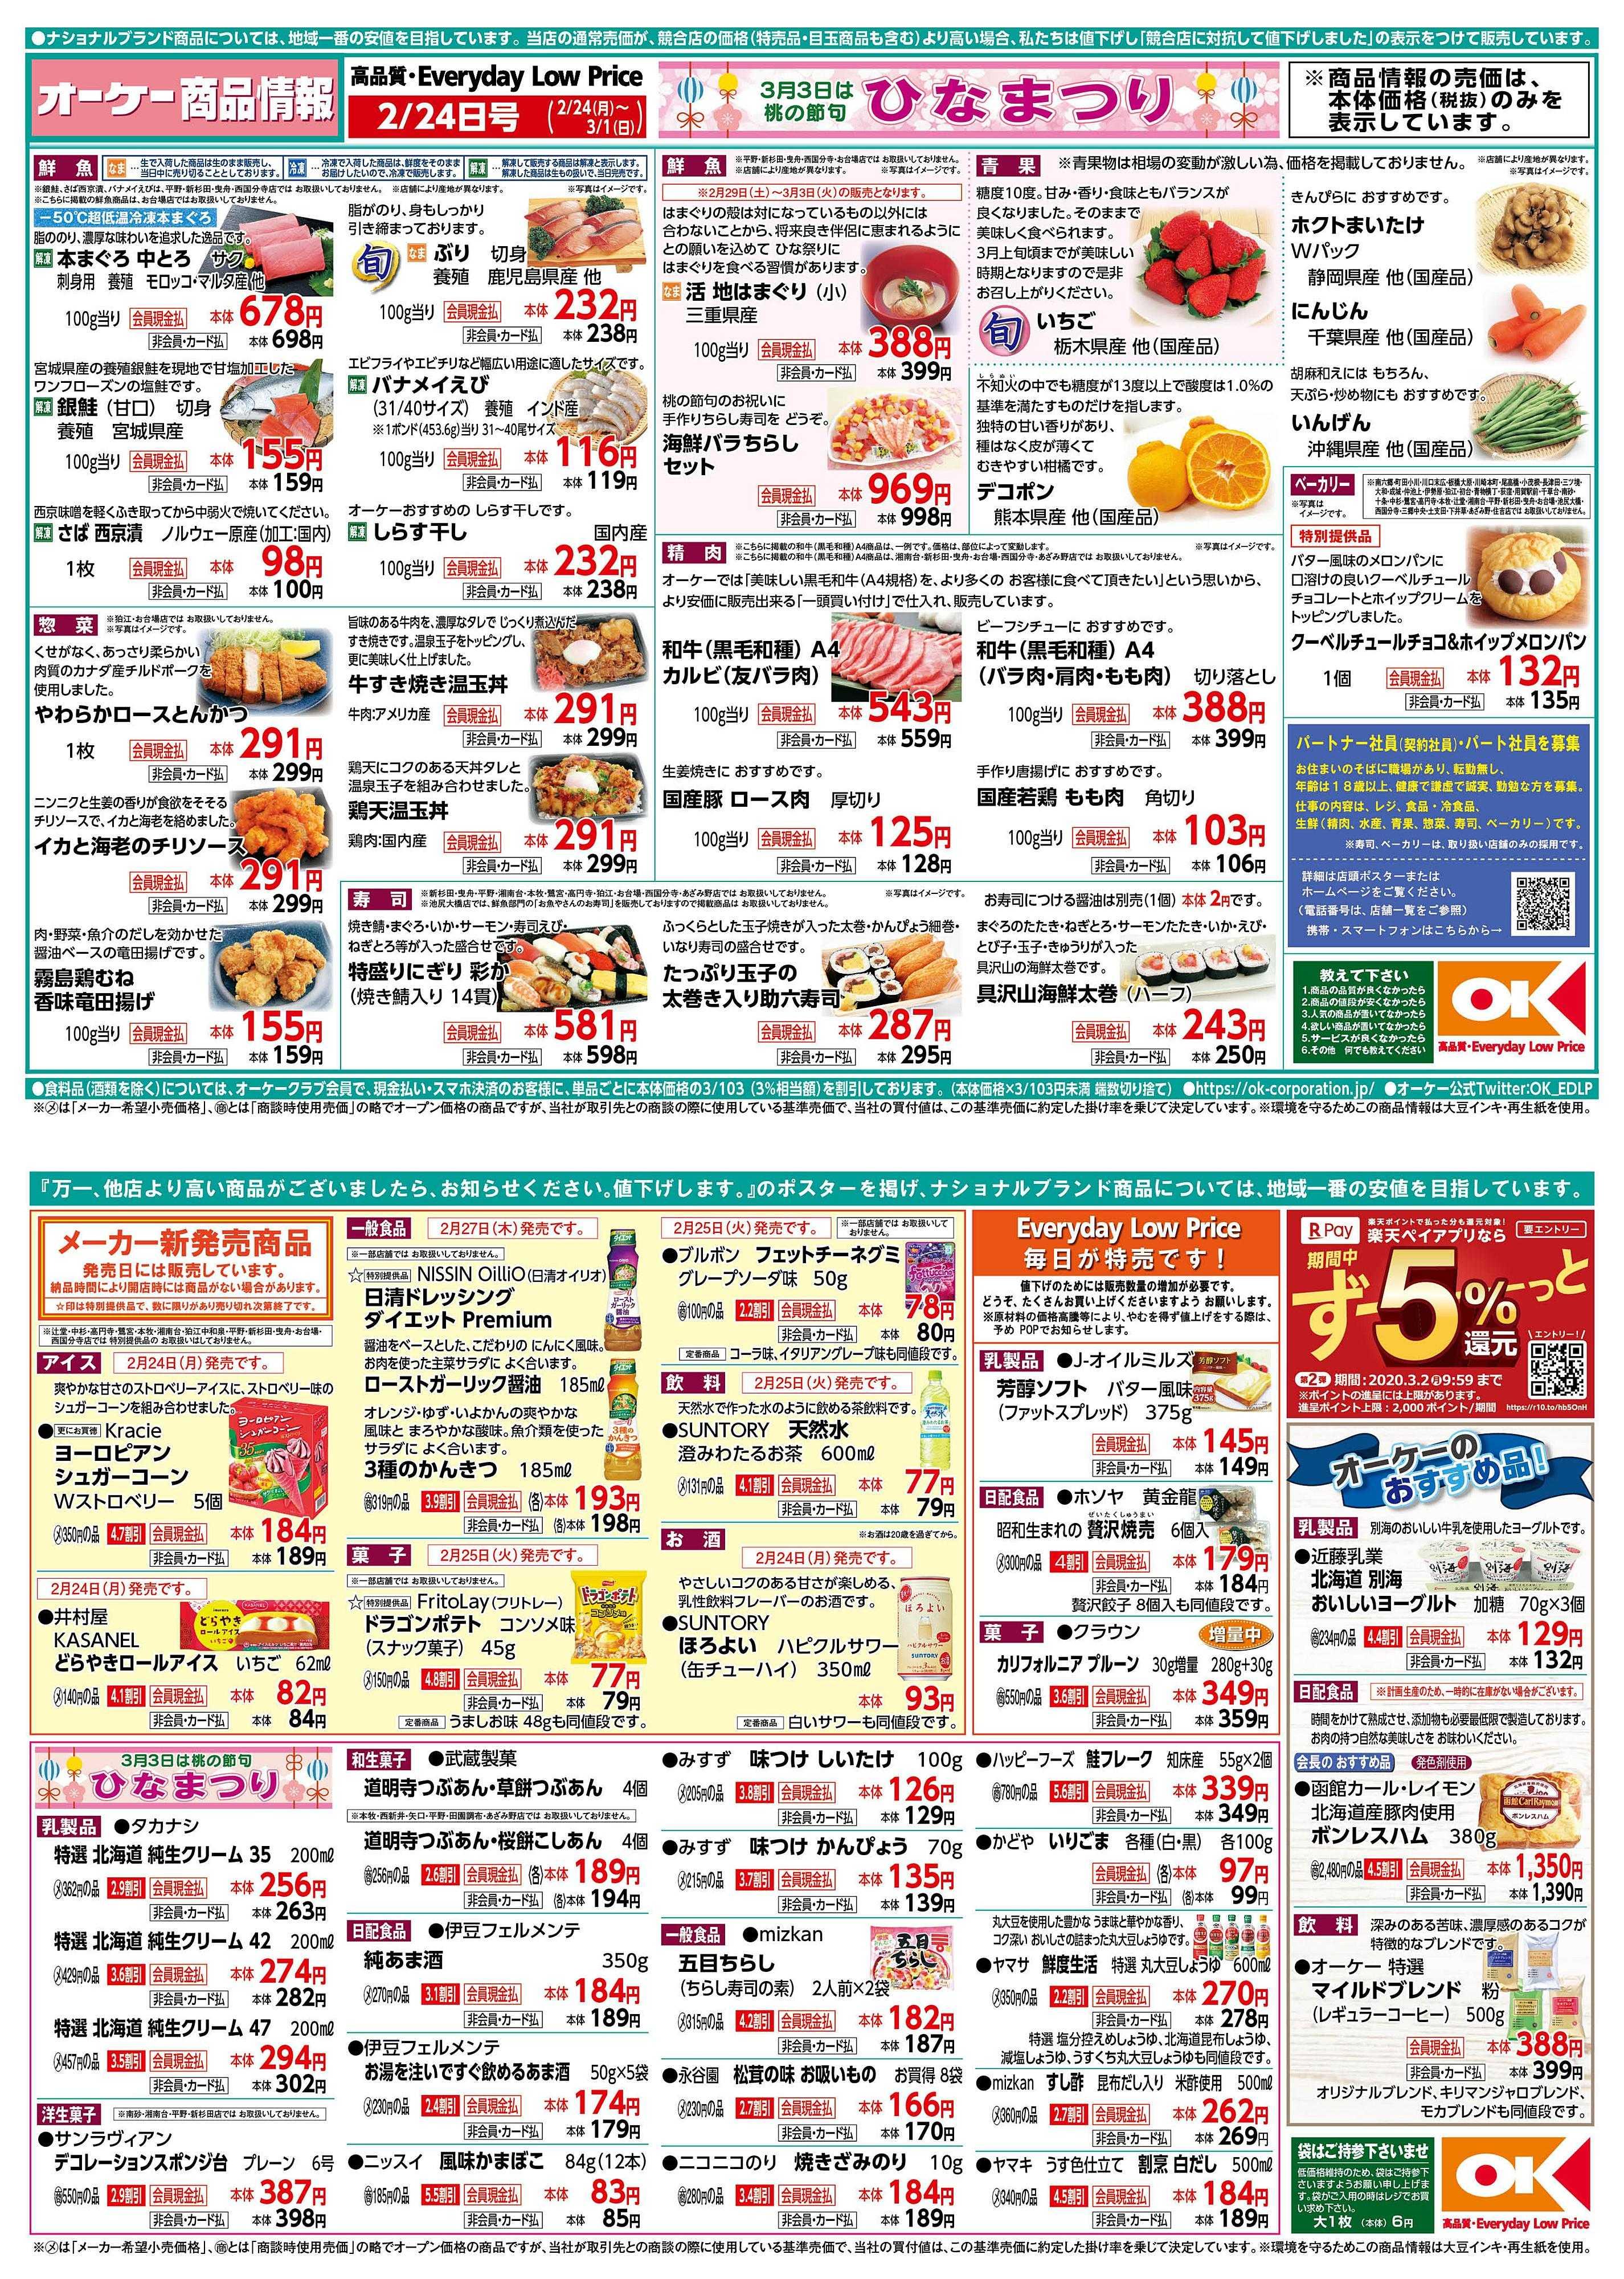 オーケー 商品情報紙2月24日号